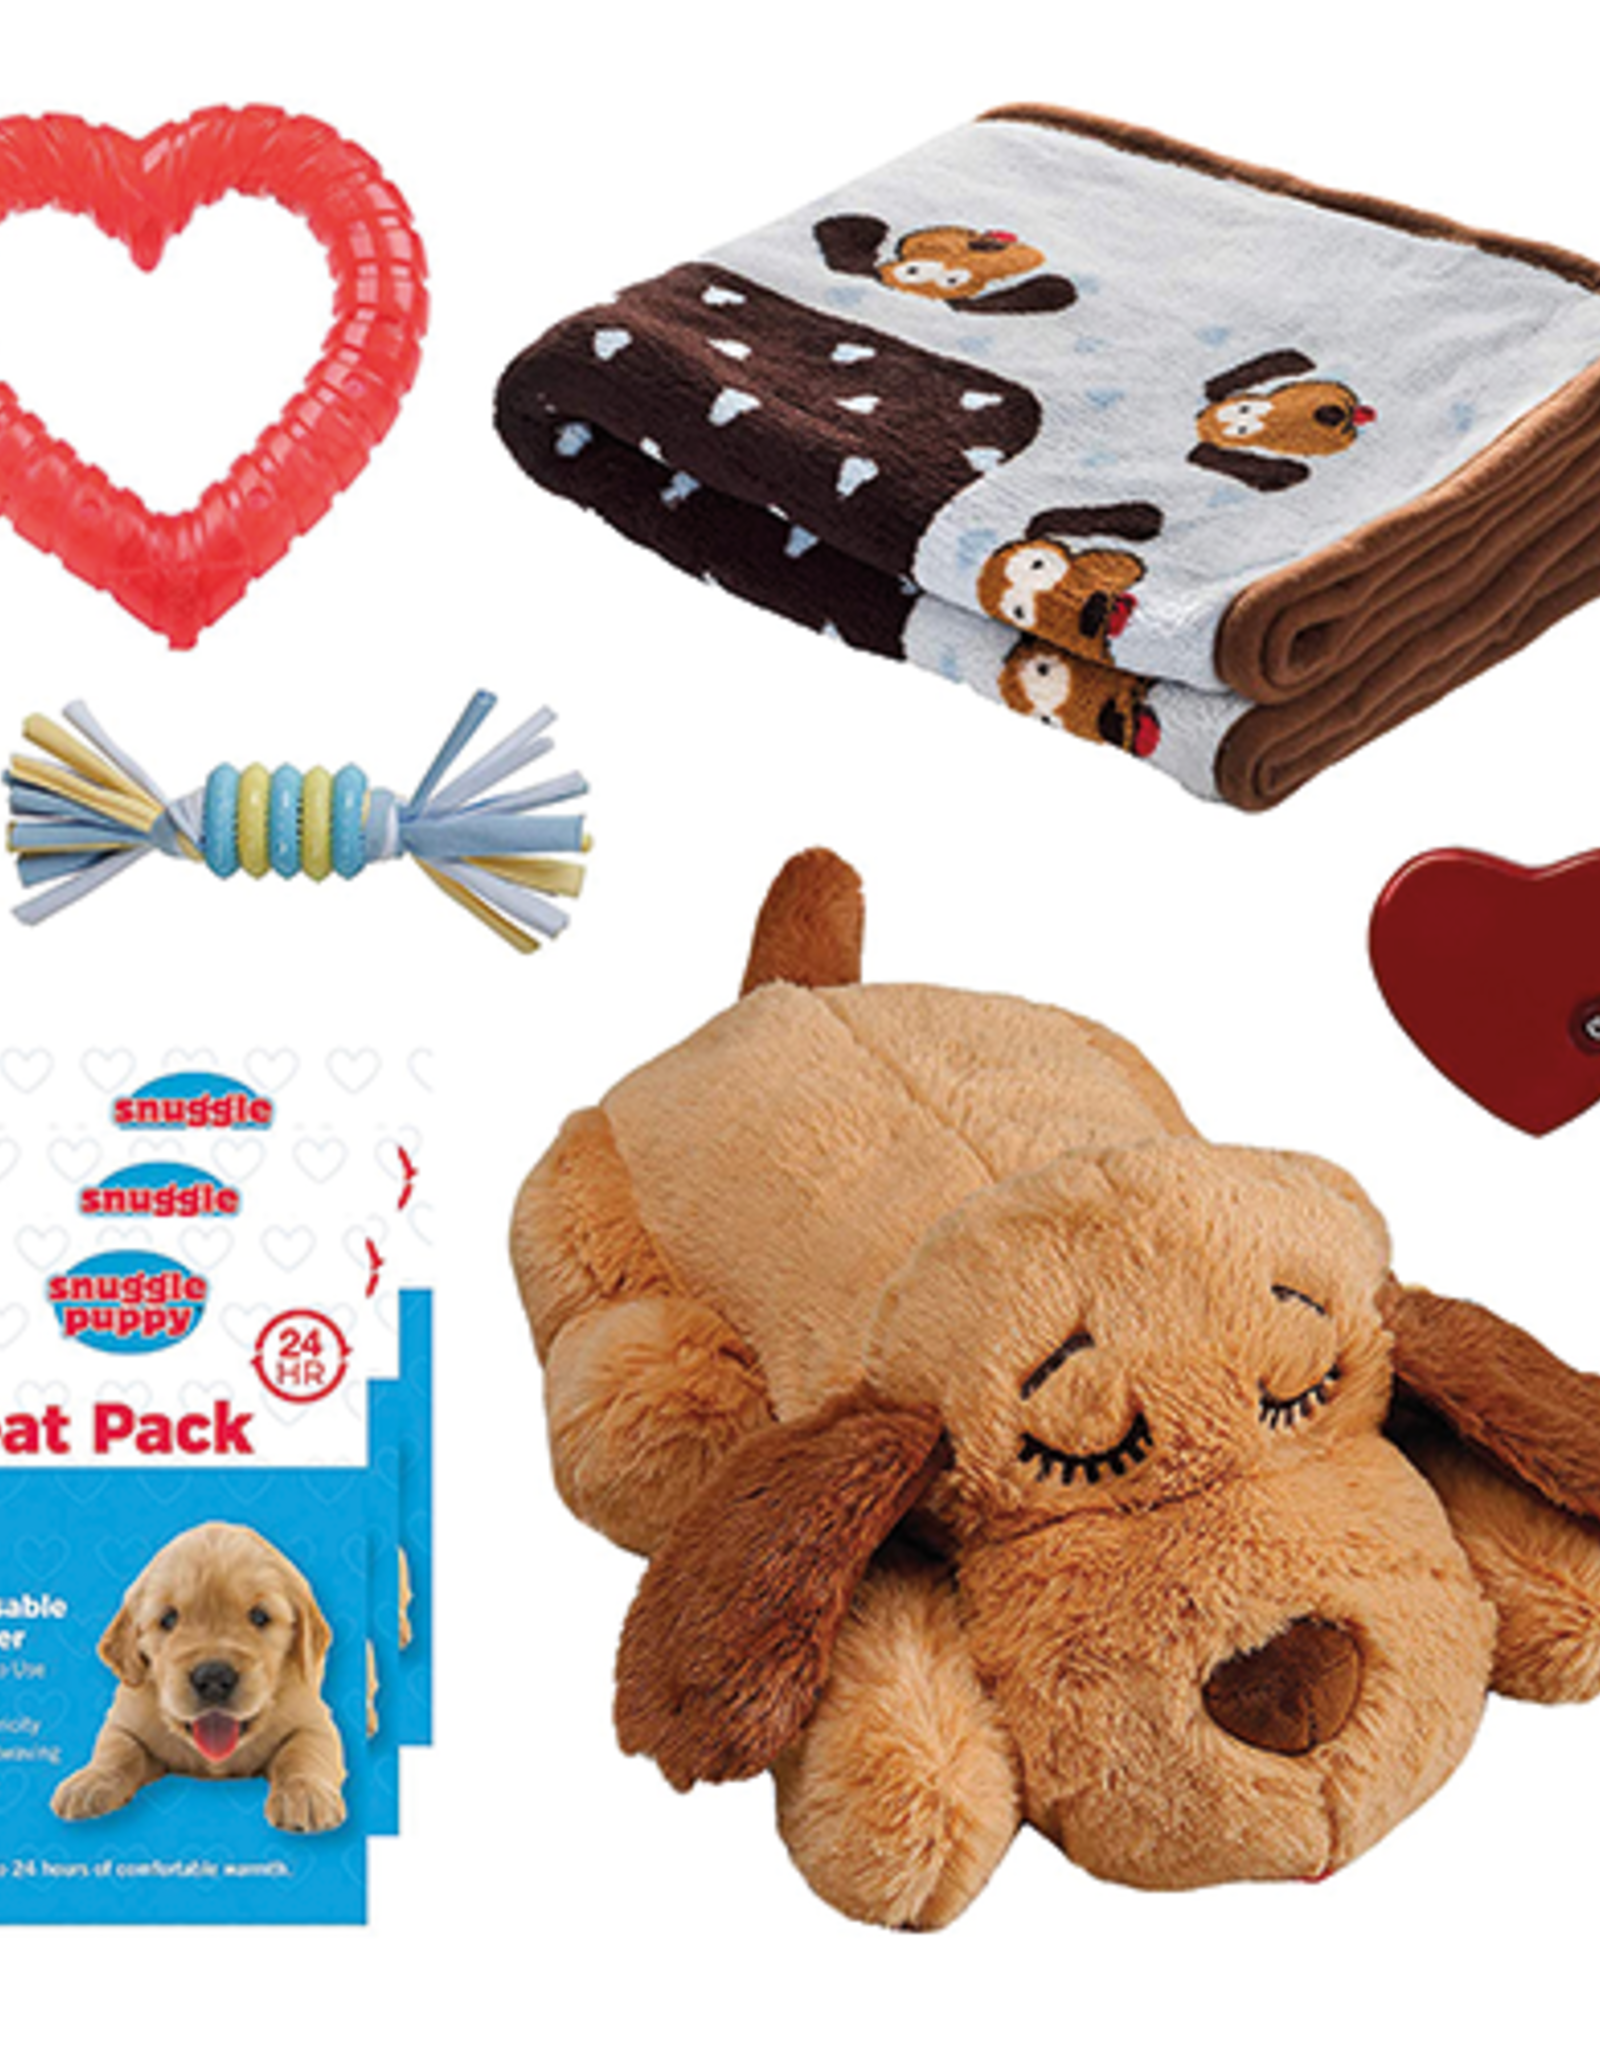 Snuggle puppy heatpack